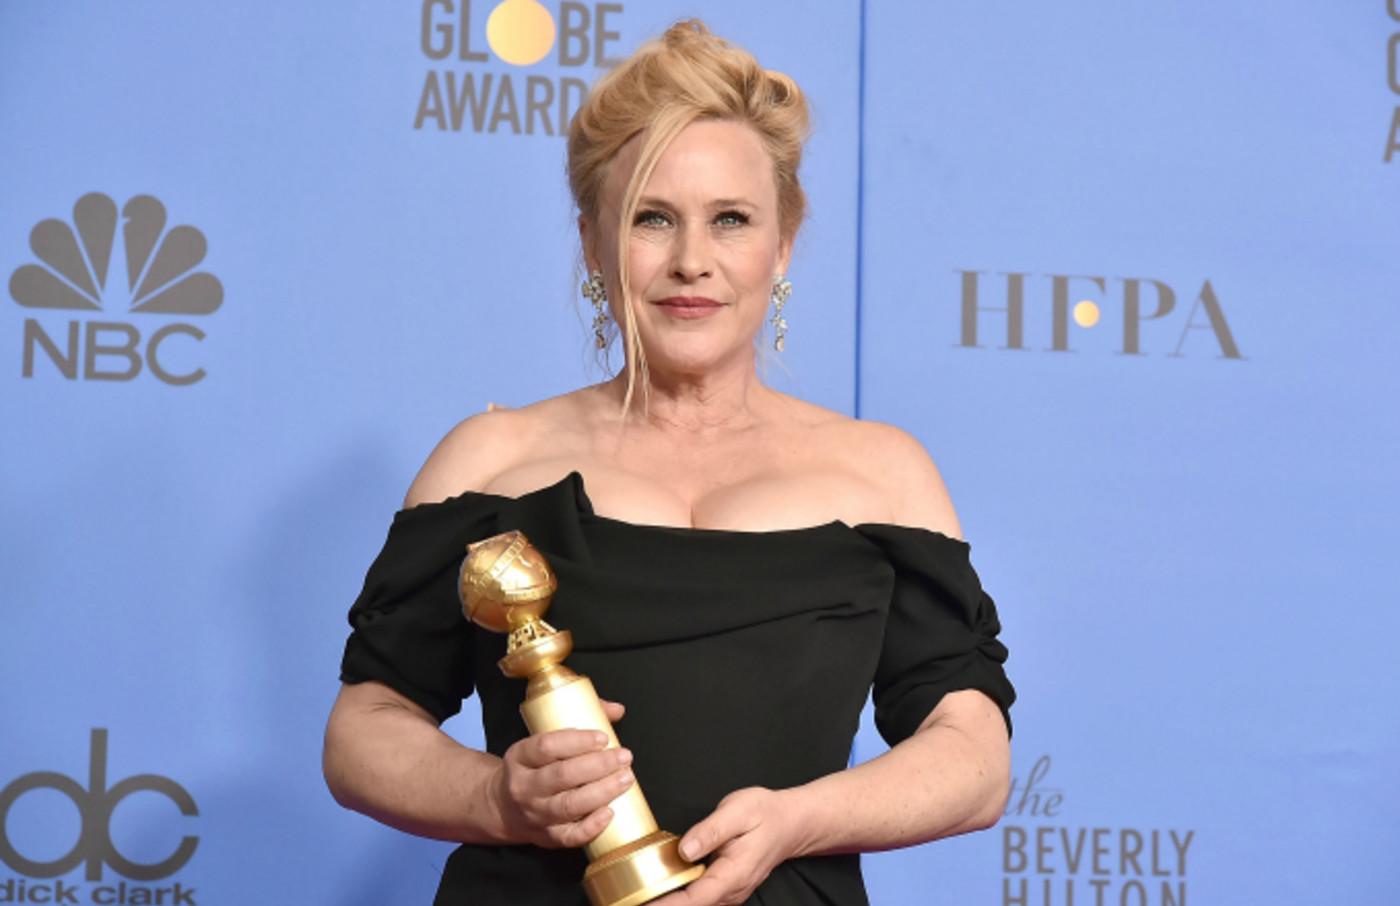 Patricia Arquette attends the 76th Annual Golden Globe Awards